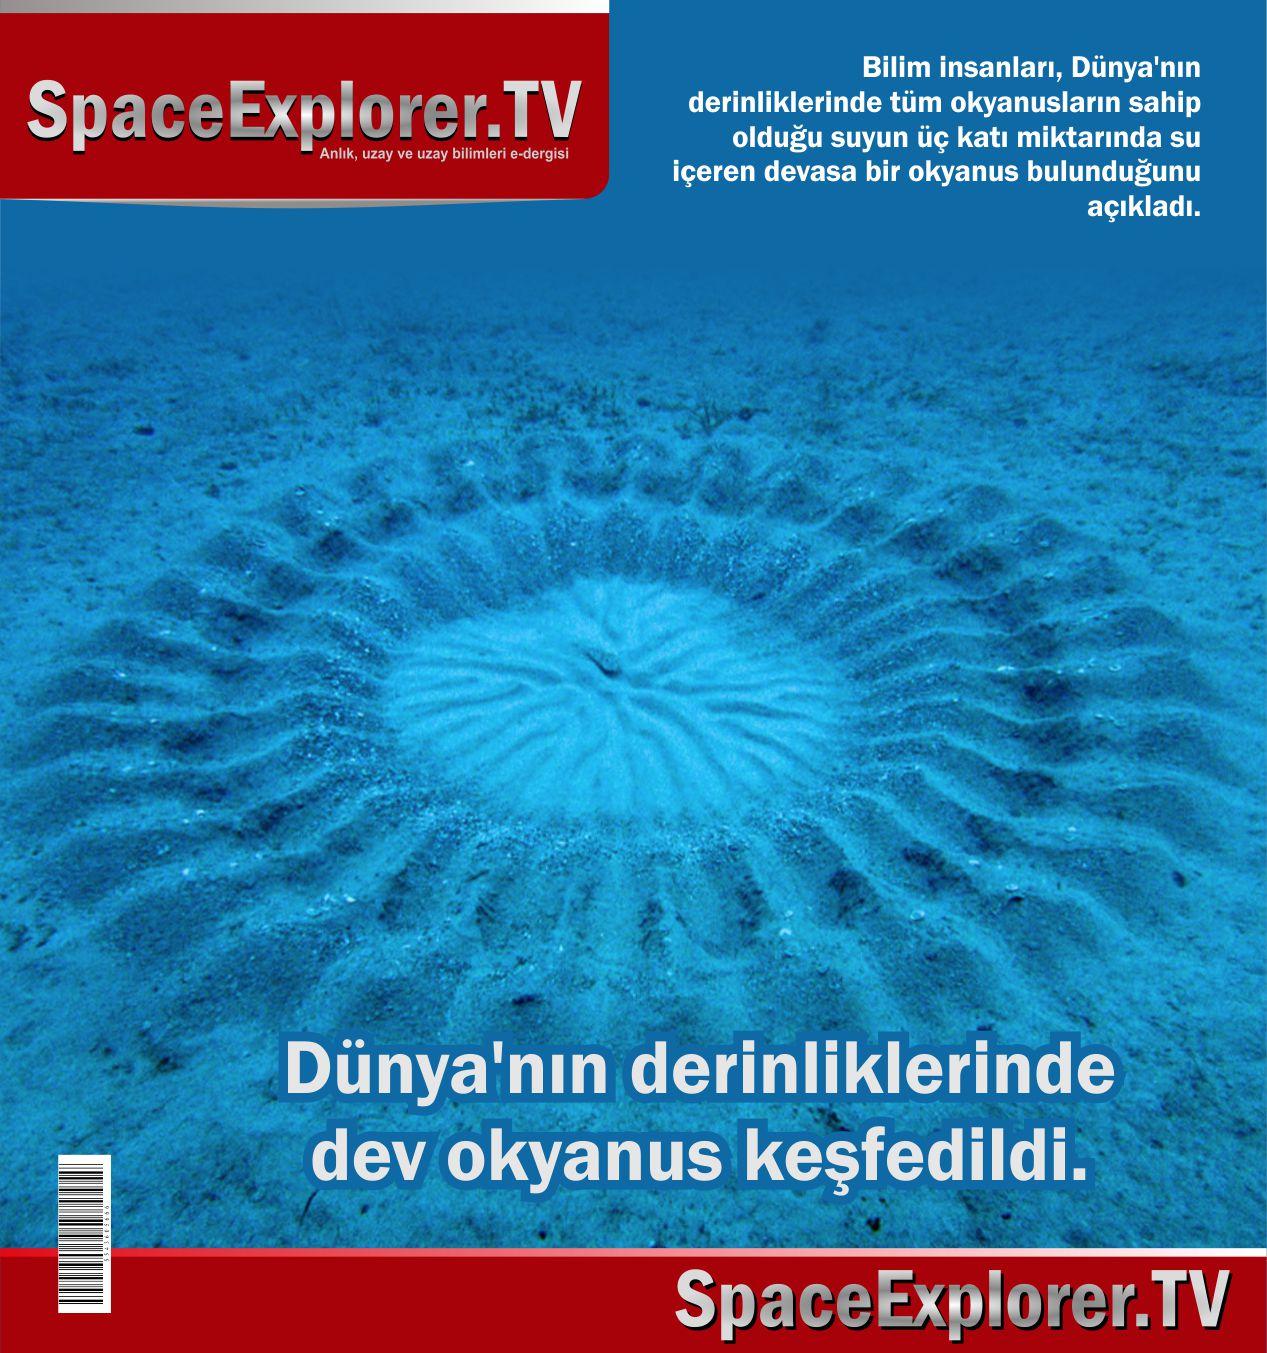 Okyanuslar, Depremler, Science dergisi, Sismik dalgalar, Dünyadaki su nasıl oluştu,